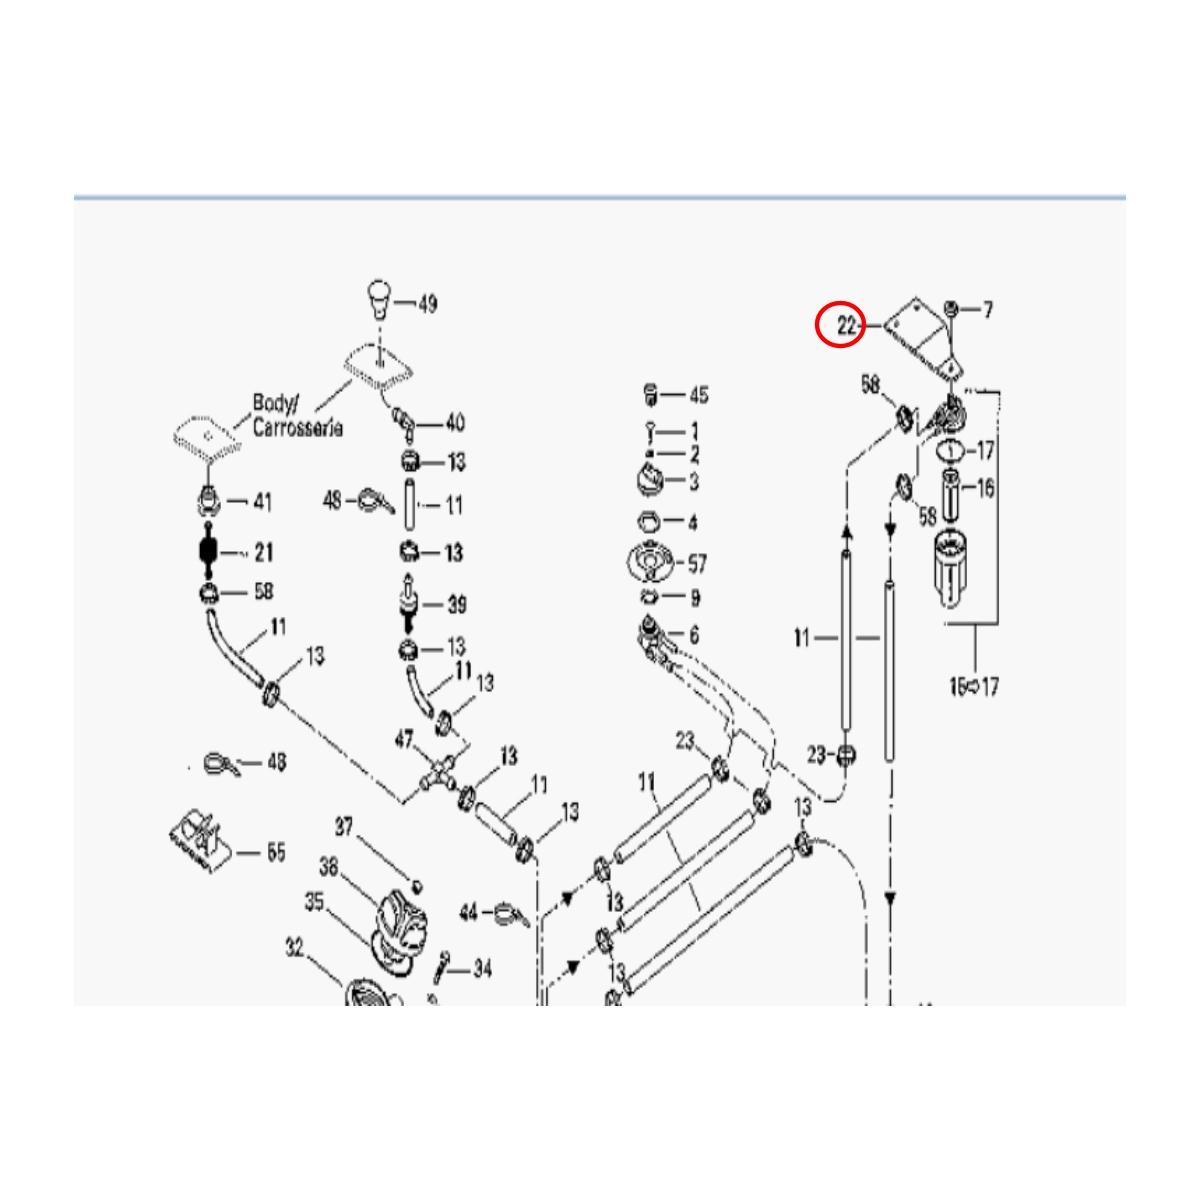 Suporte do Filtro de Gasolina para Jet Ski Sea Doo sp/ spx/ xp 96  - Radical Peças - Peças para Jet Ski